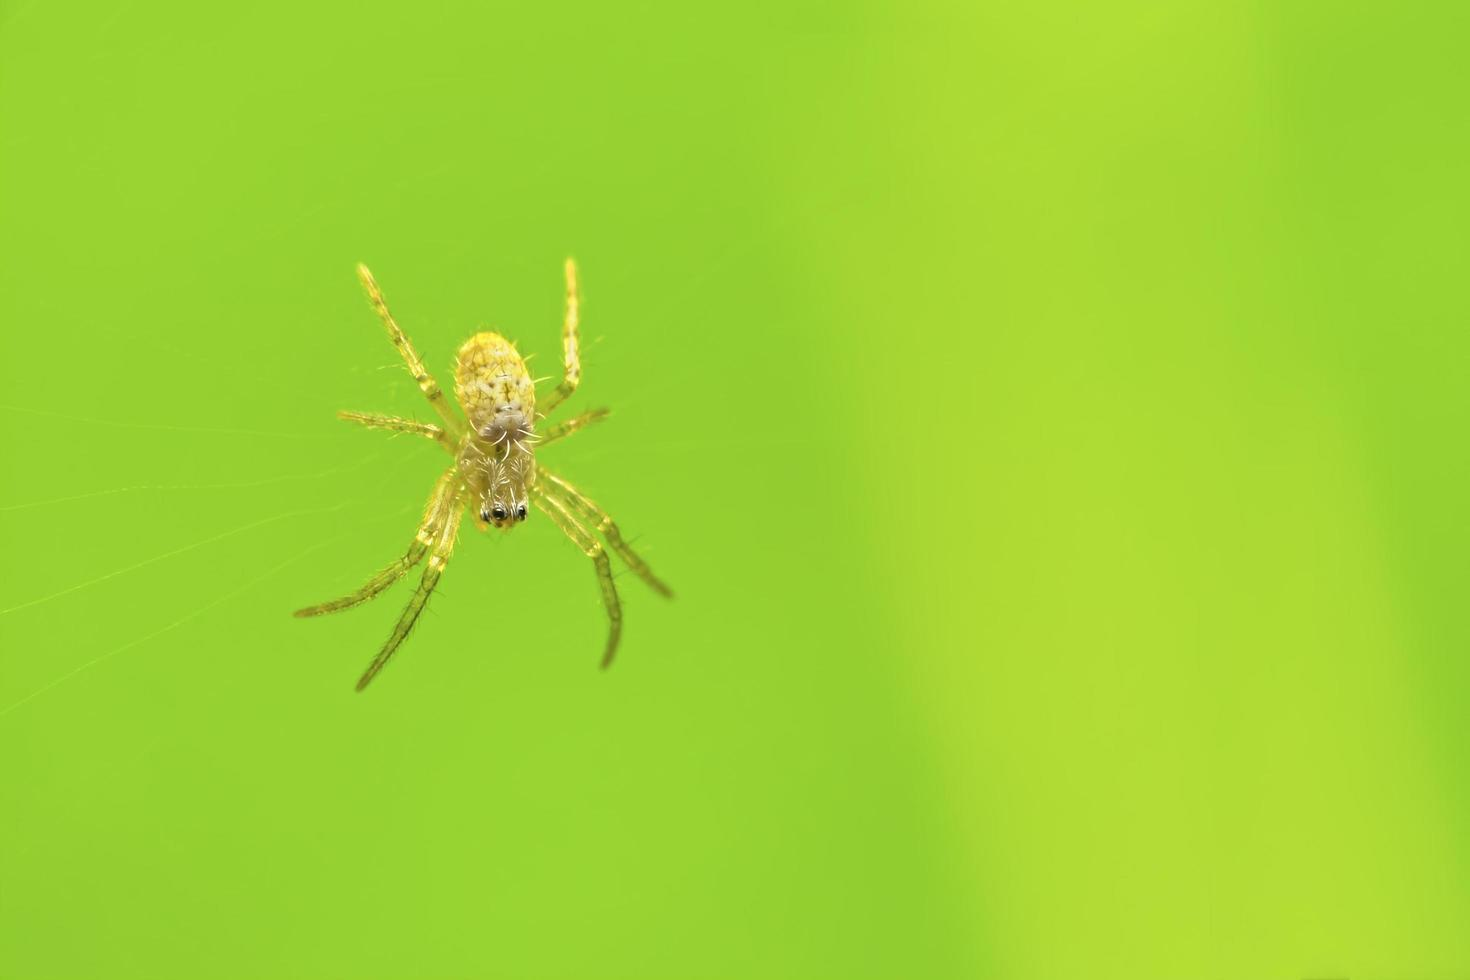 aranha na teia de aranha e fundo verde foto